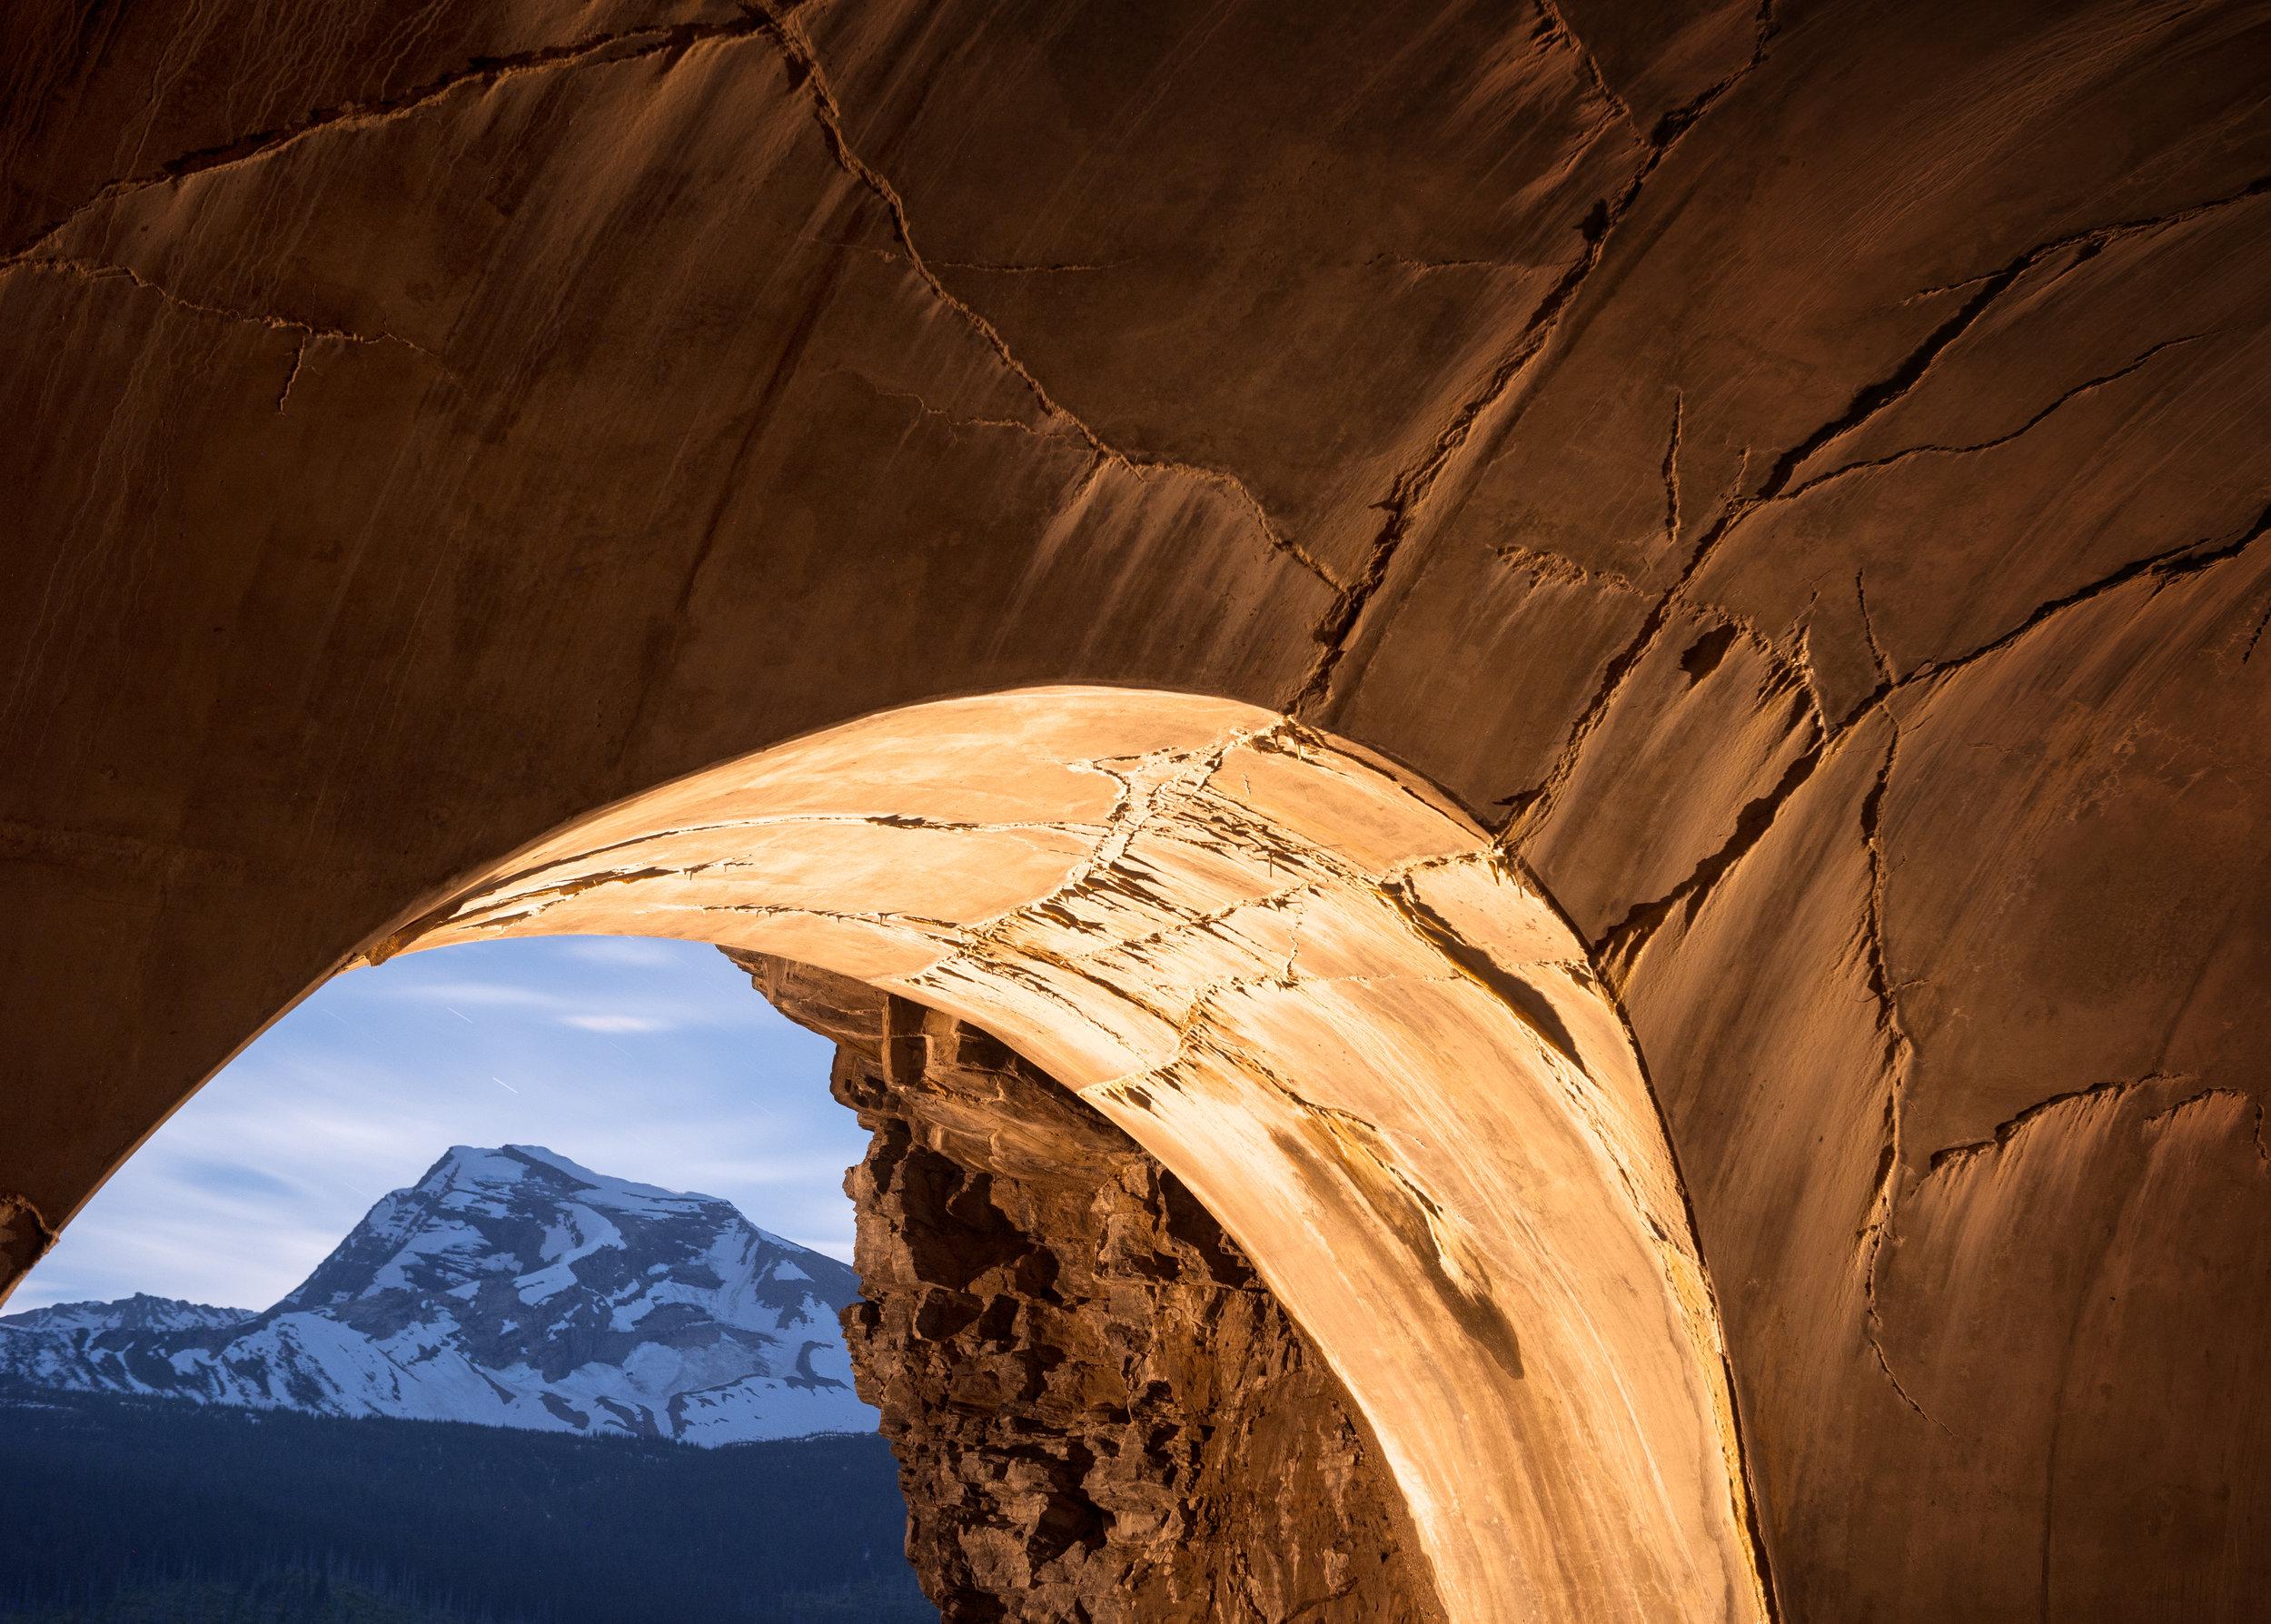 Tunnel, Heavens Peak